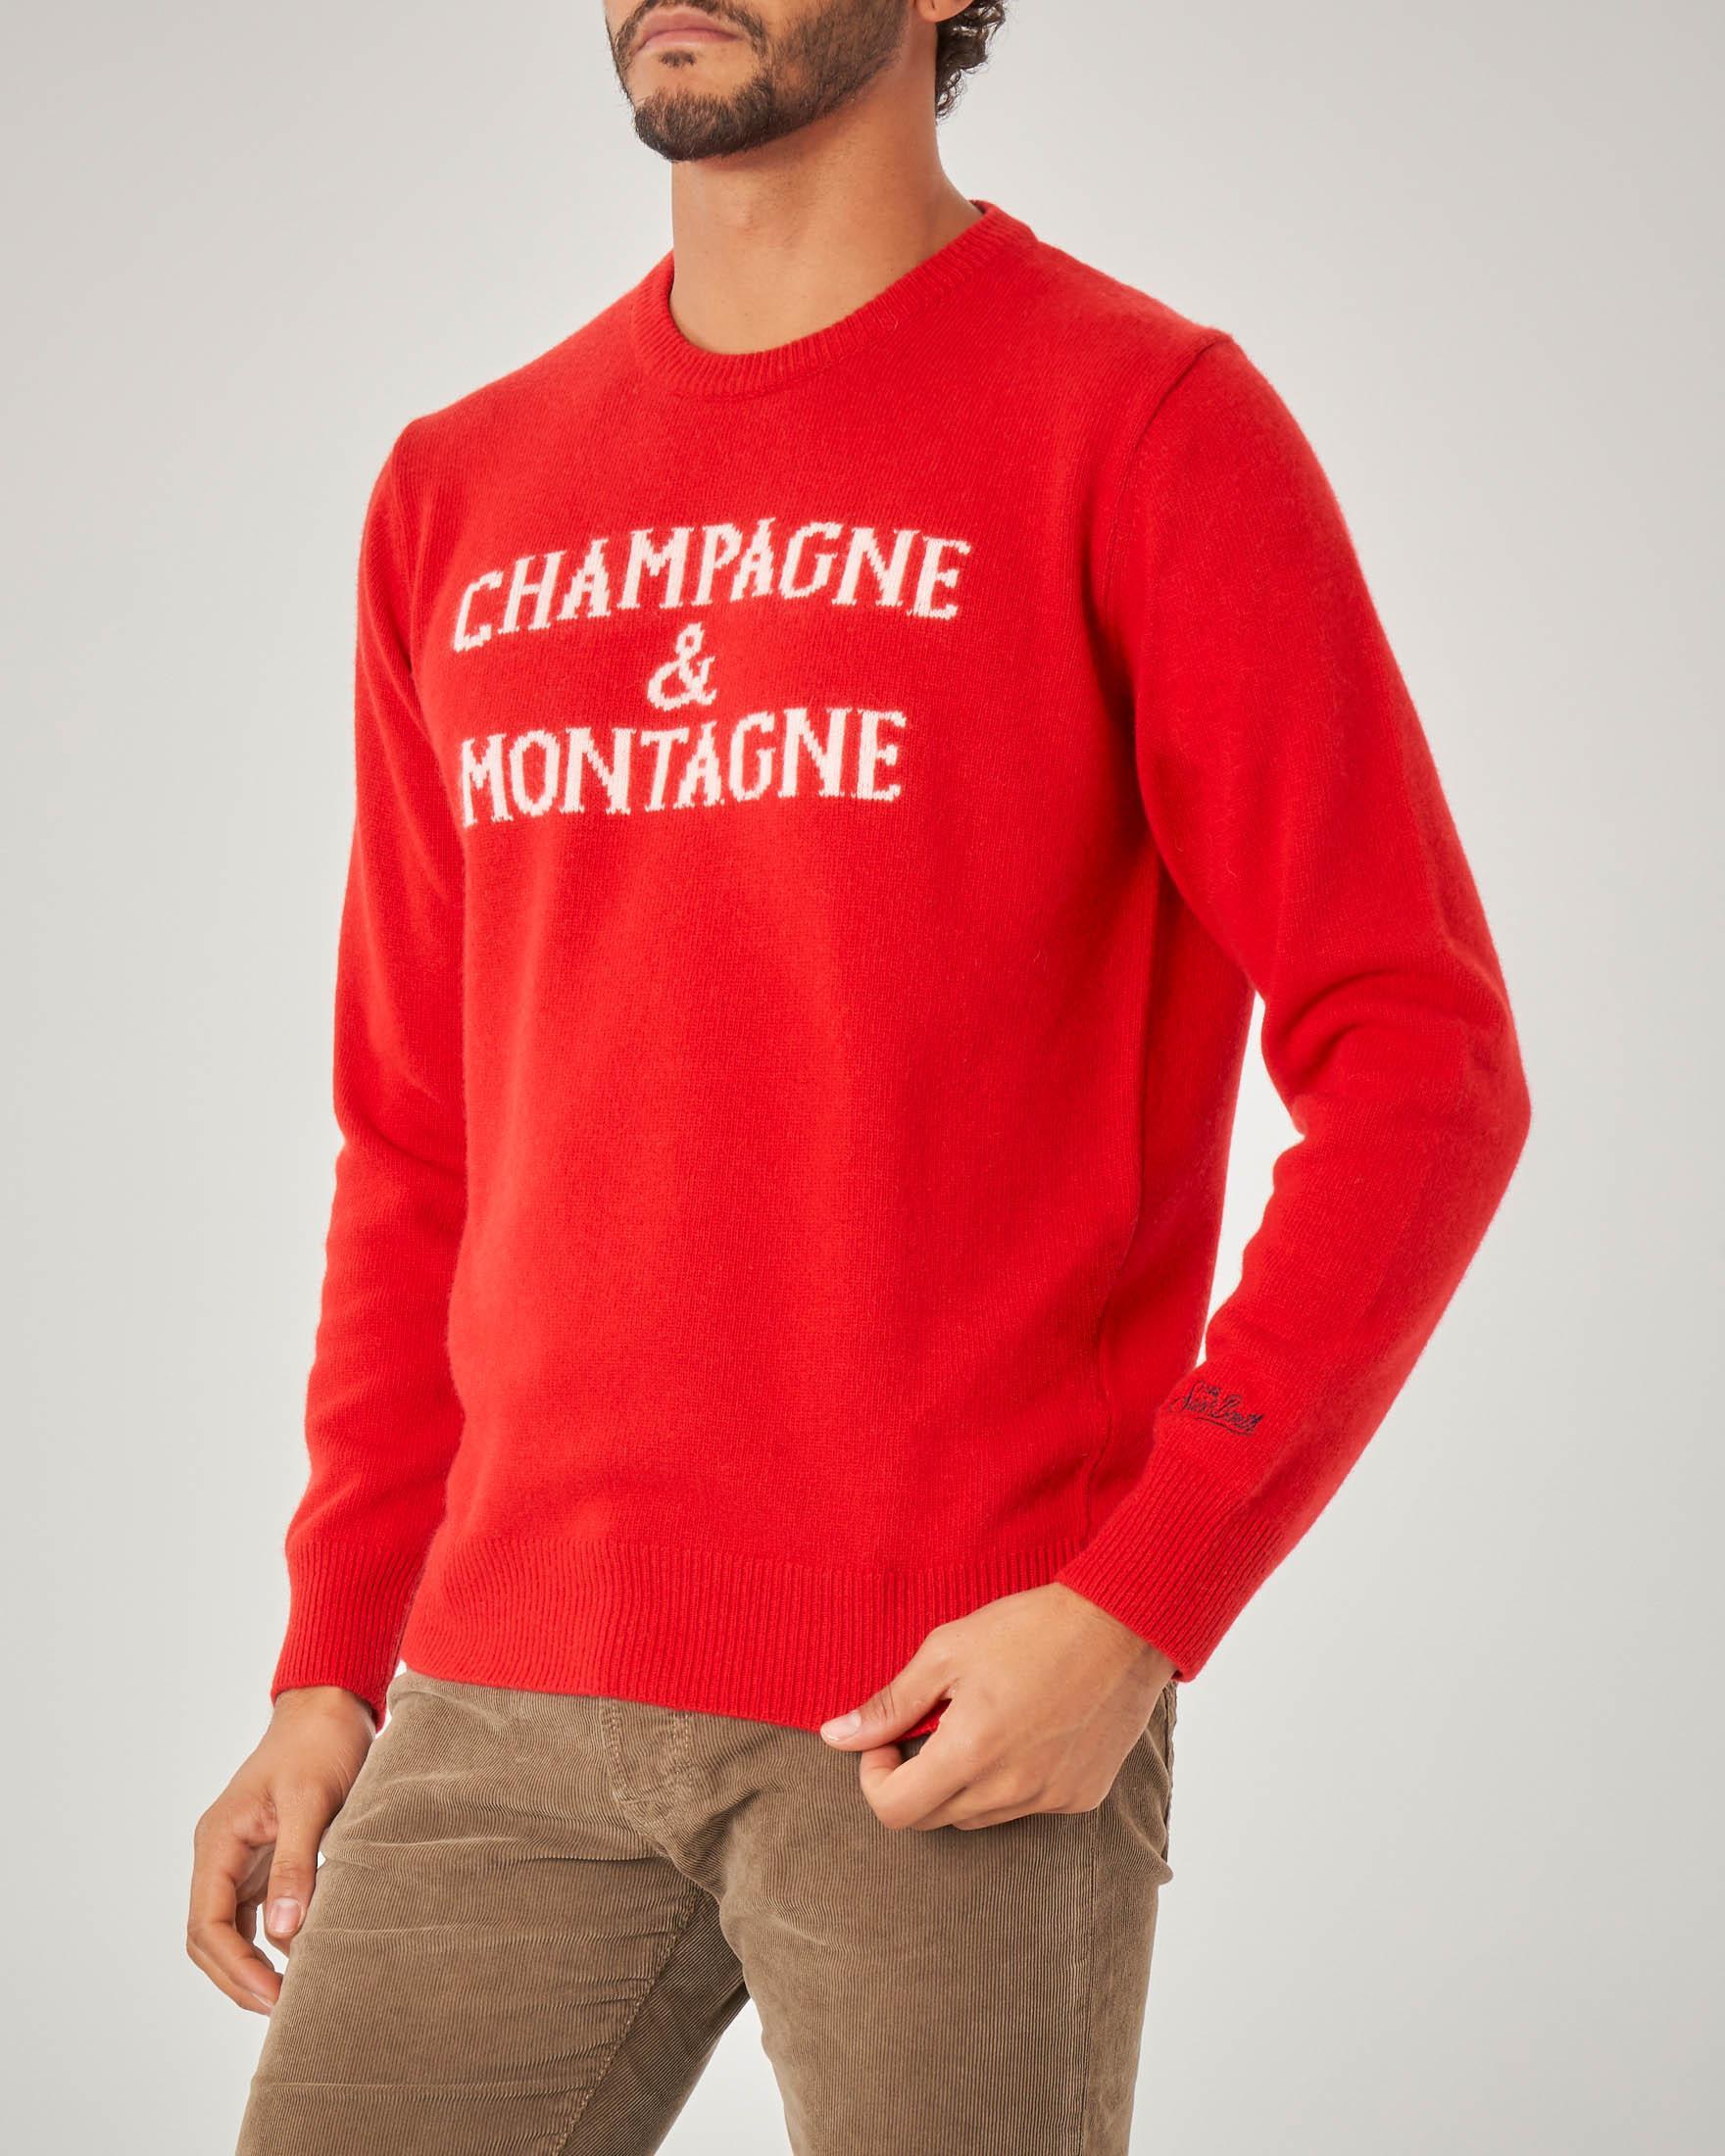 Maglia rossa in misto lana viscosa e cachemire con scritta Champagne & Montagne